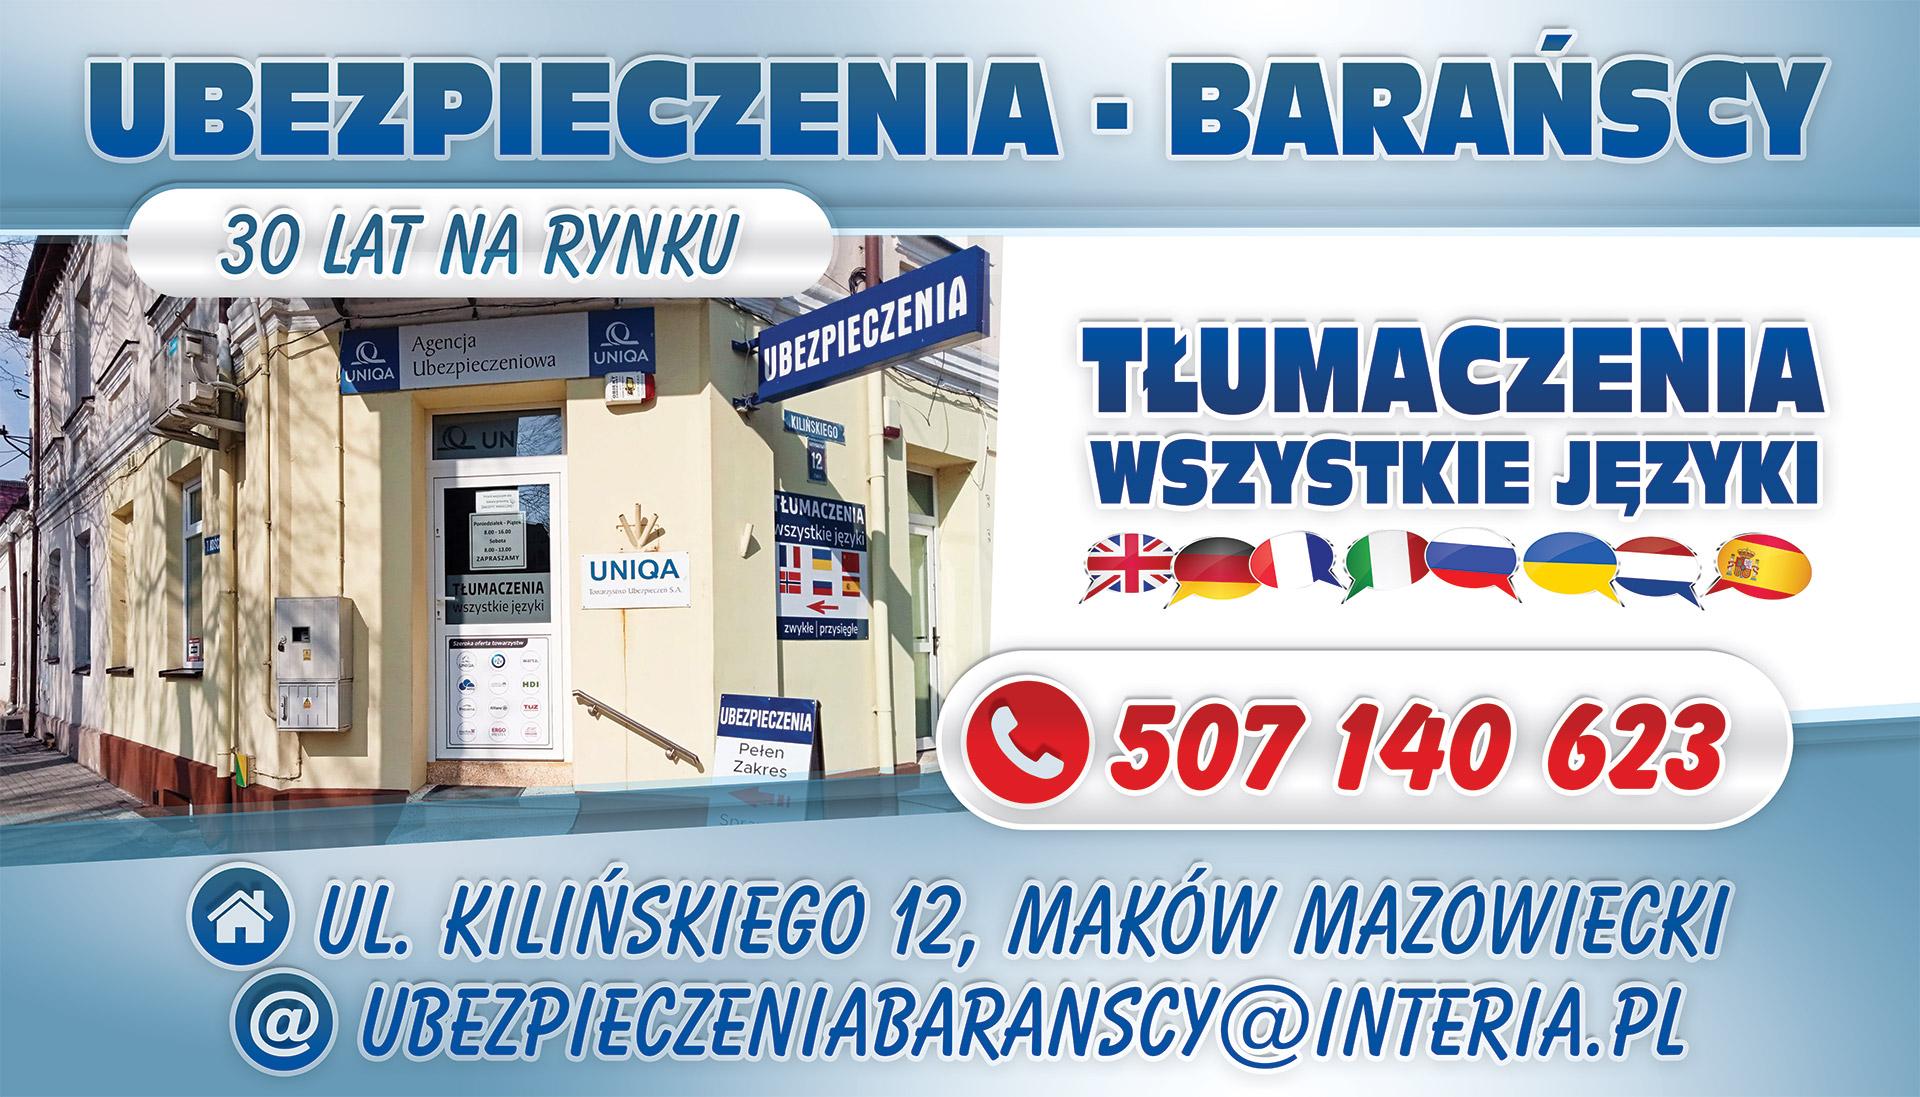 Baranscy do 01.02.2022